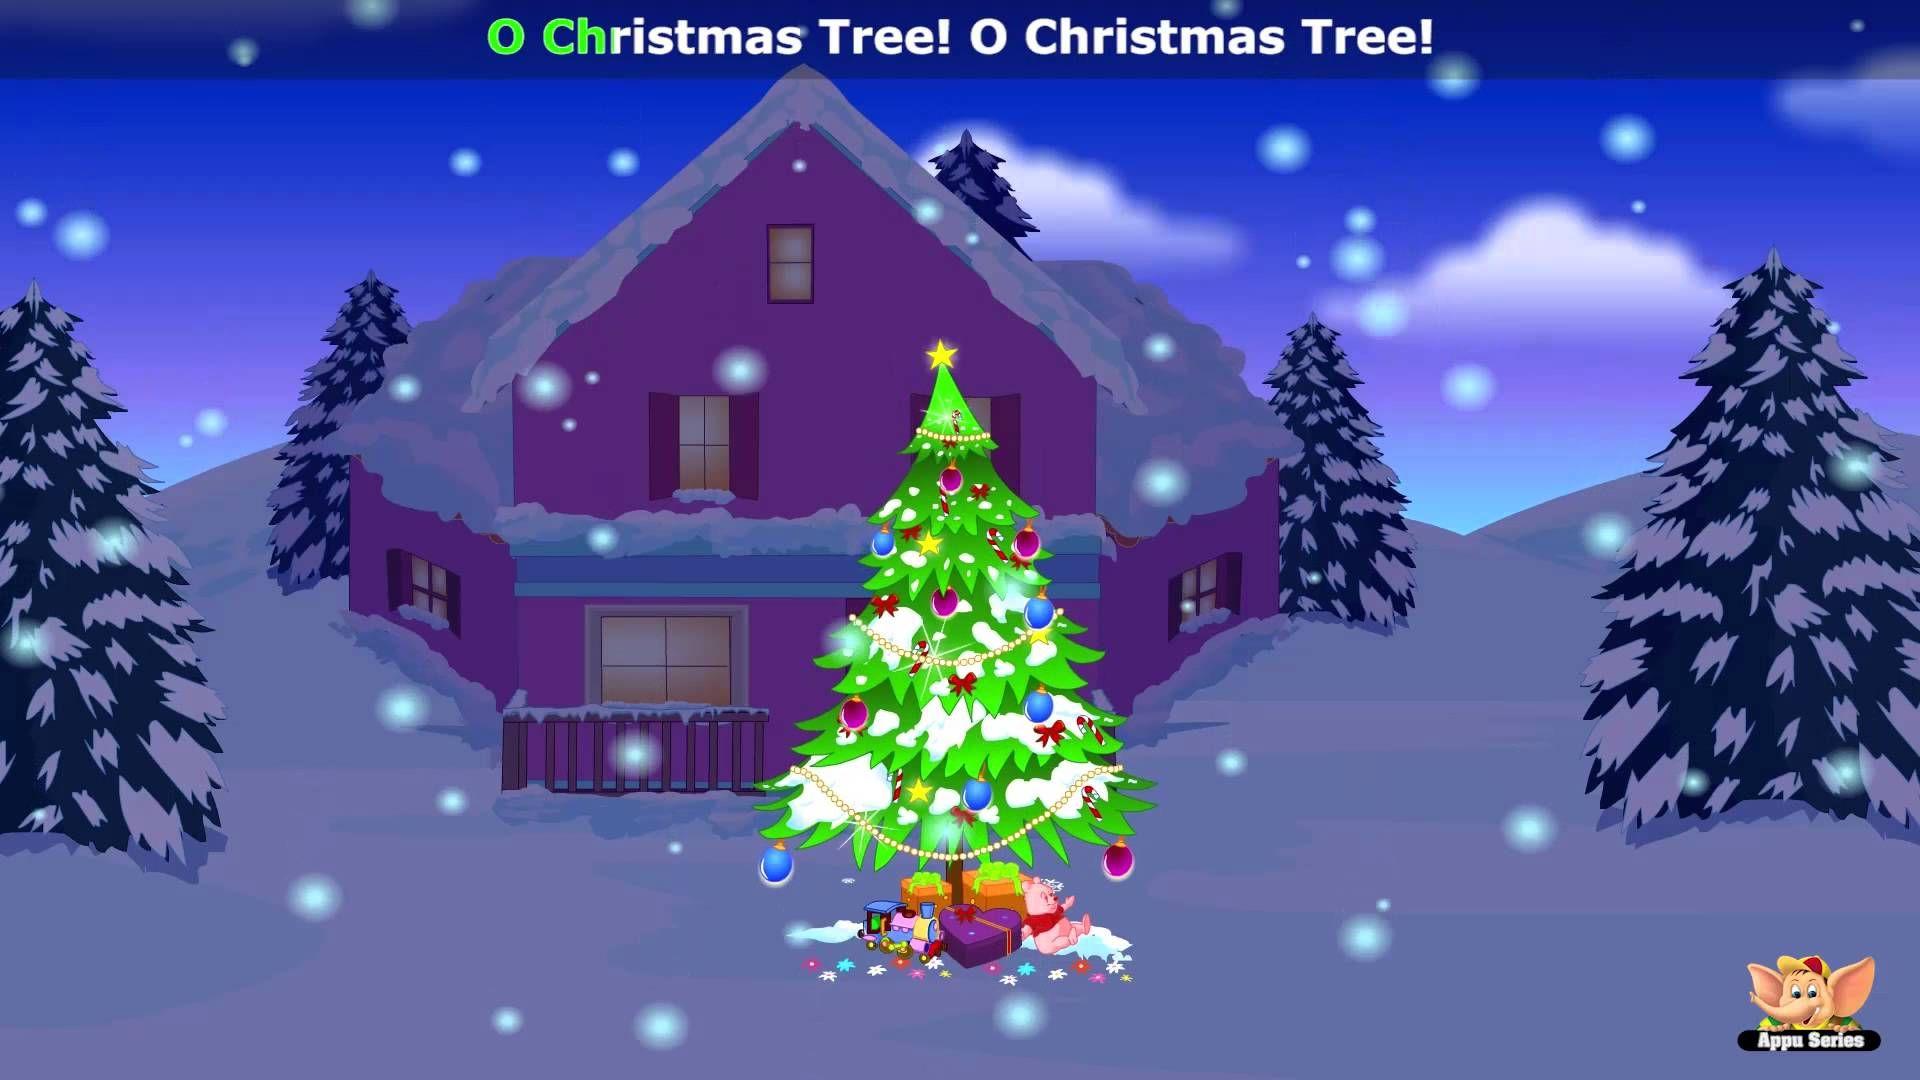 O Christmas Tree - Christmas Carol | Christmas Music | Pinterest ...